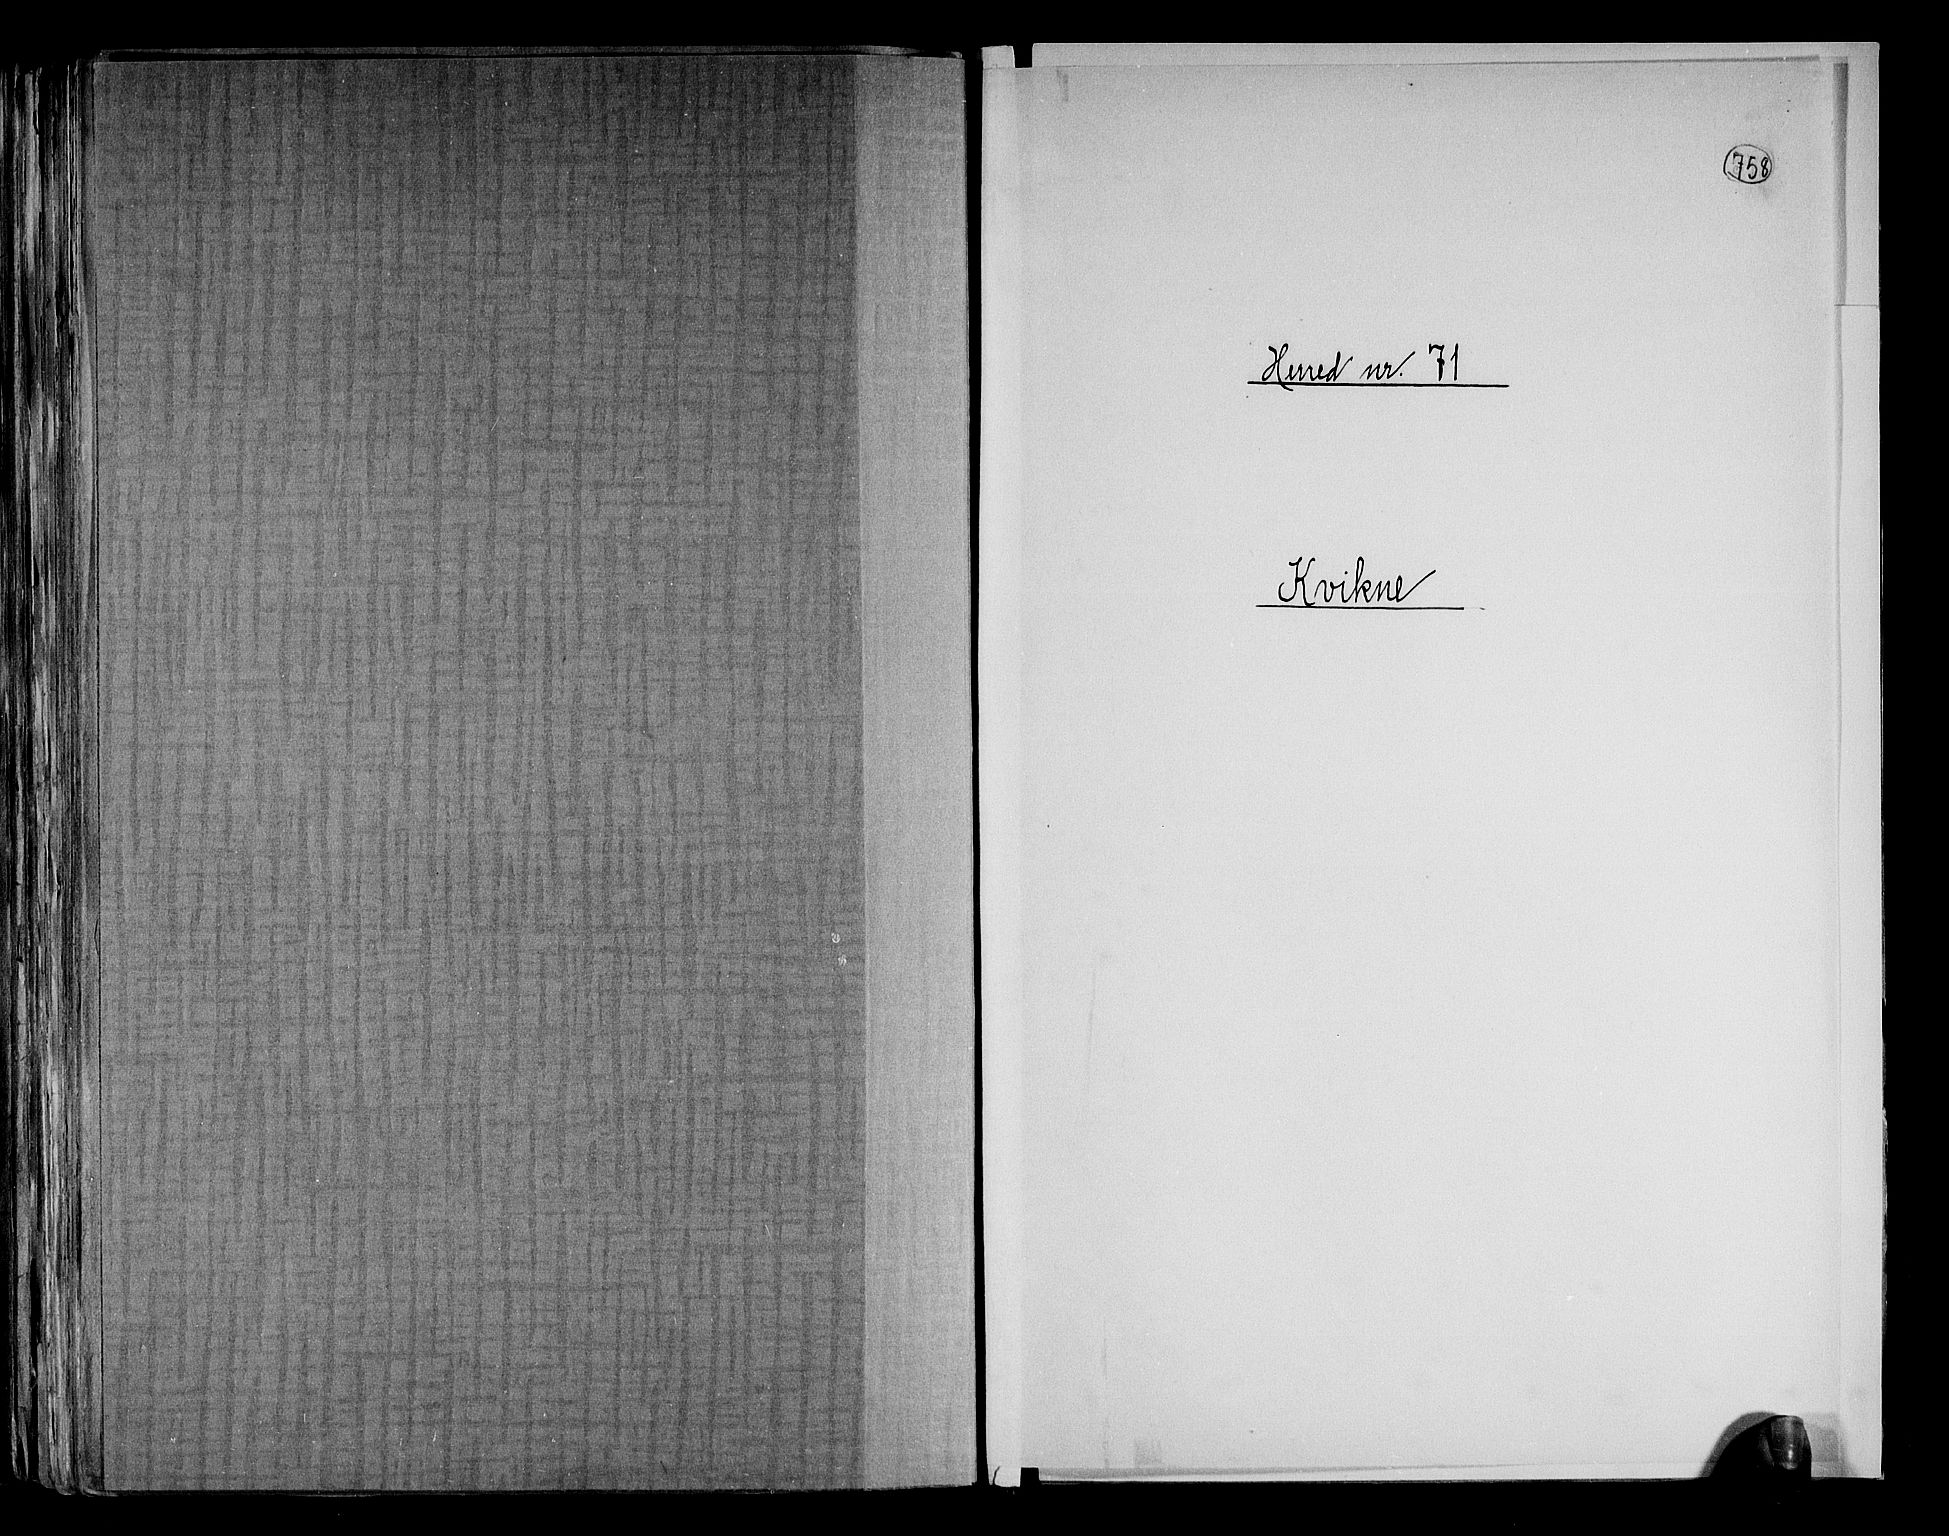 RA, Folketelling 1891 for 0440 Kvikne herred, 1891, s. 1